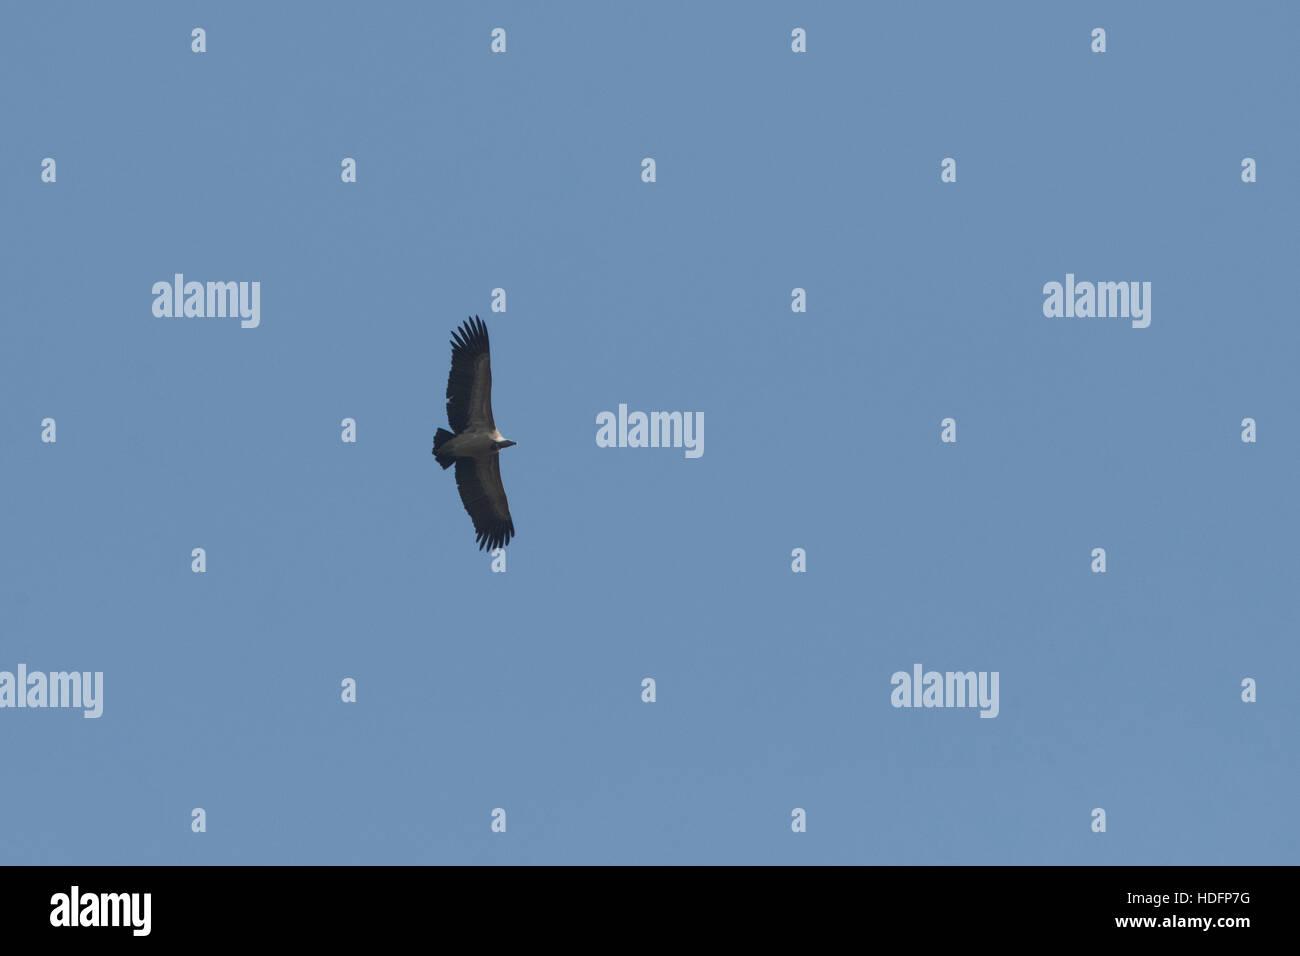 Le vautour à croupion blanc est un vieux monde vulture étroitement liée à l'vautour fauve Banque D'Images